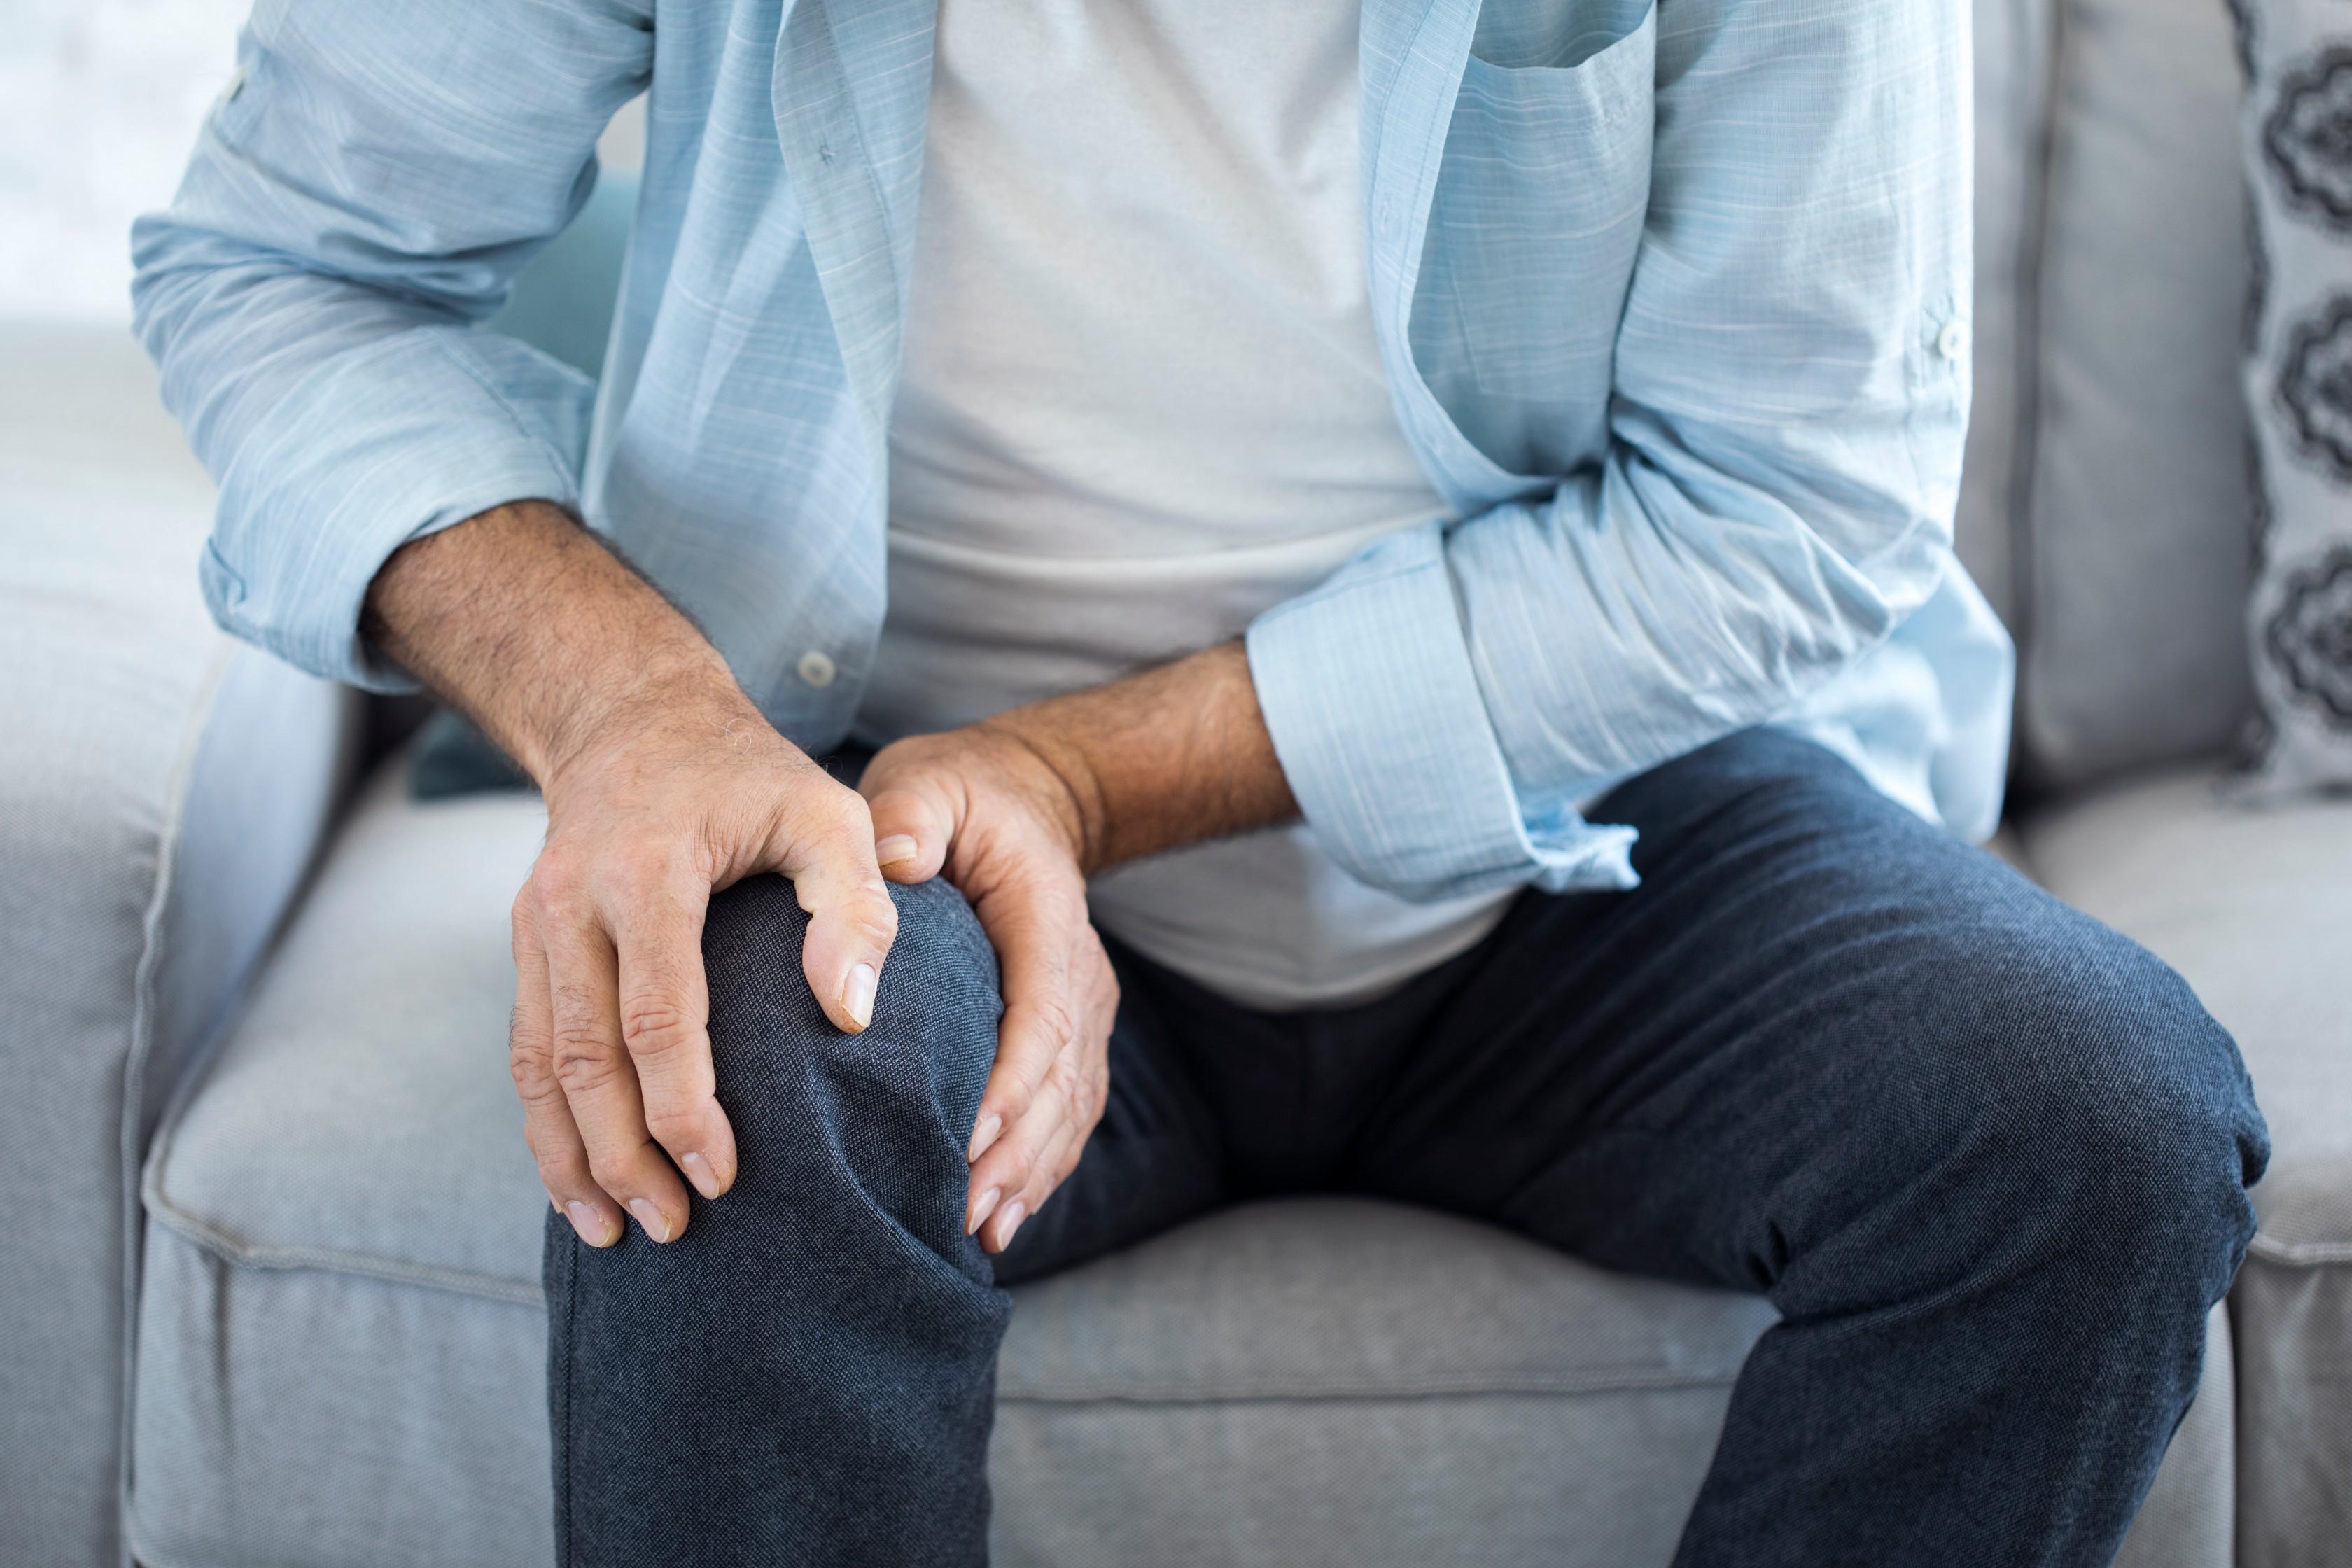 fájdalom és fájdalom az összes ízületben fájdalom a jobb láb alsó ízületében